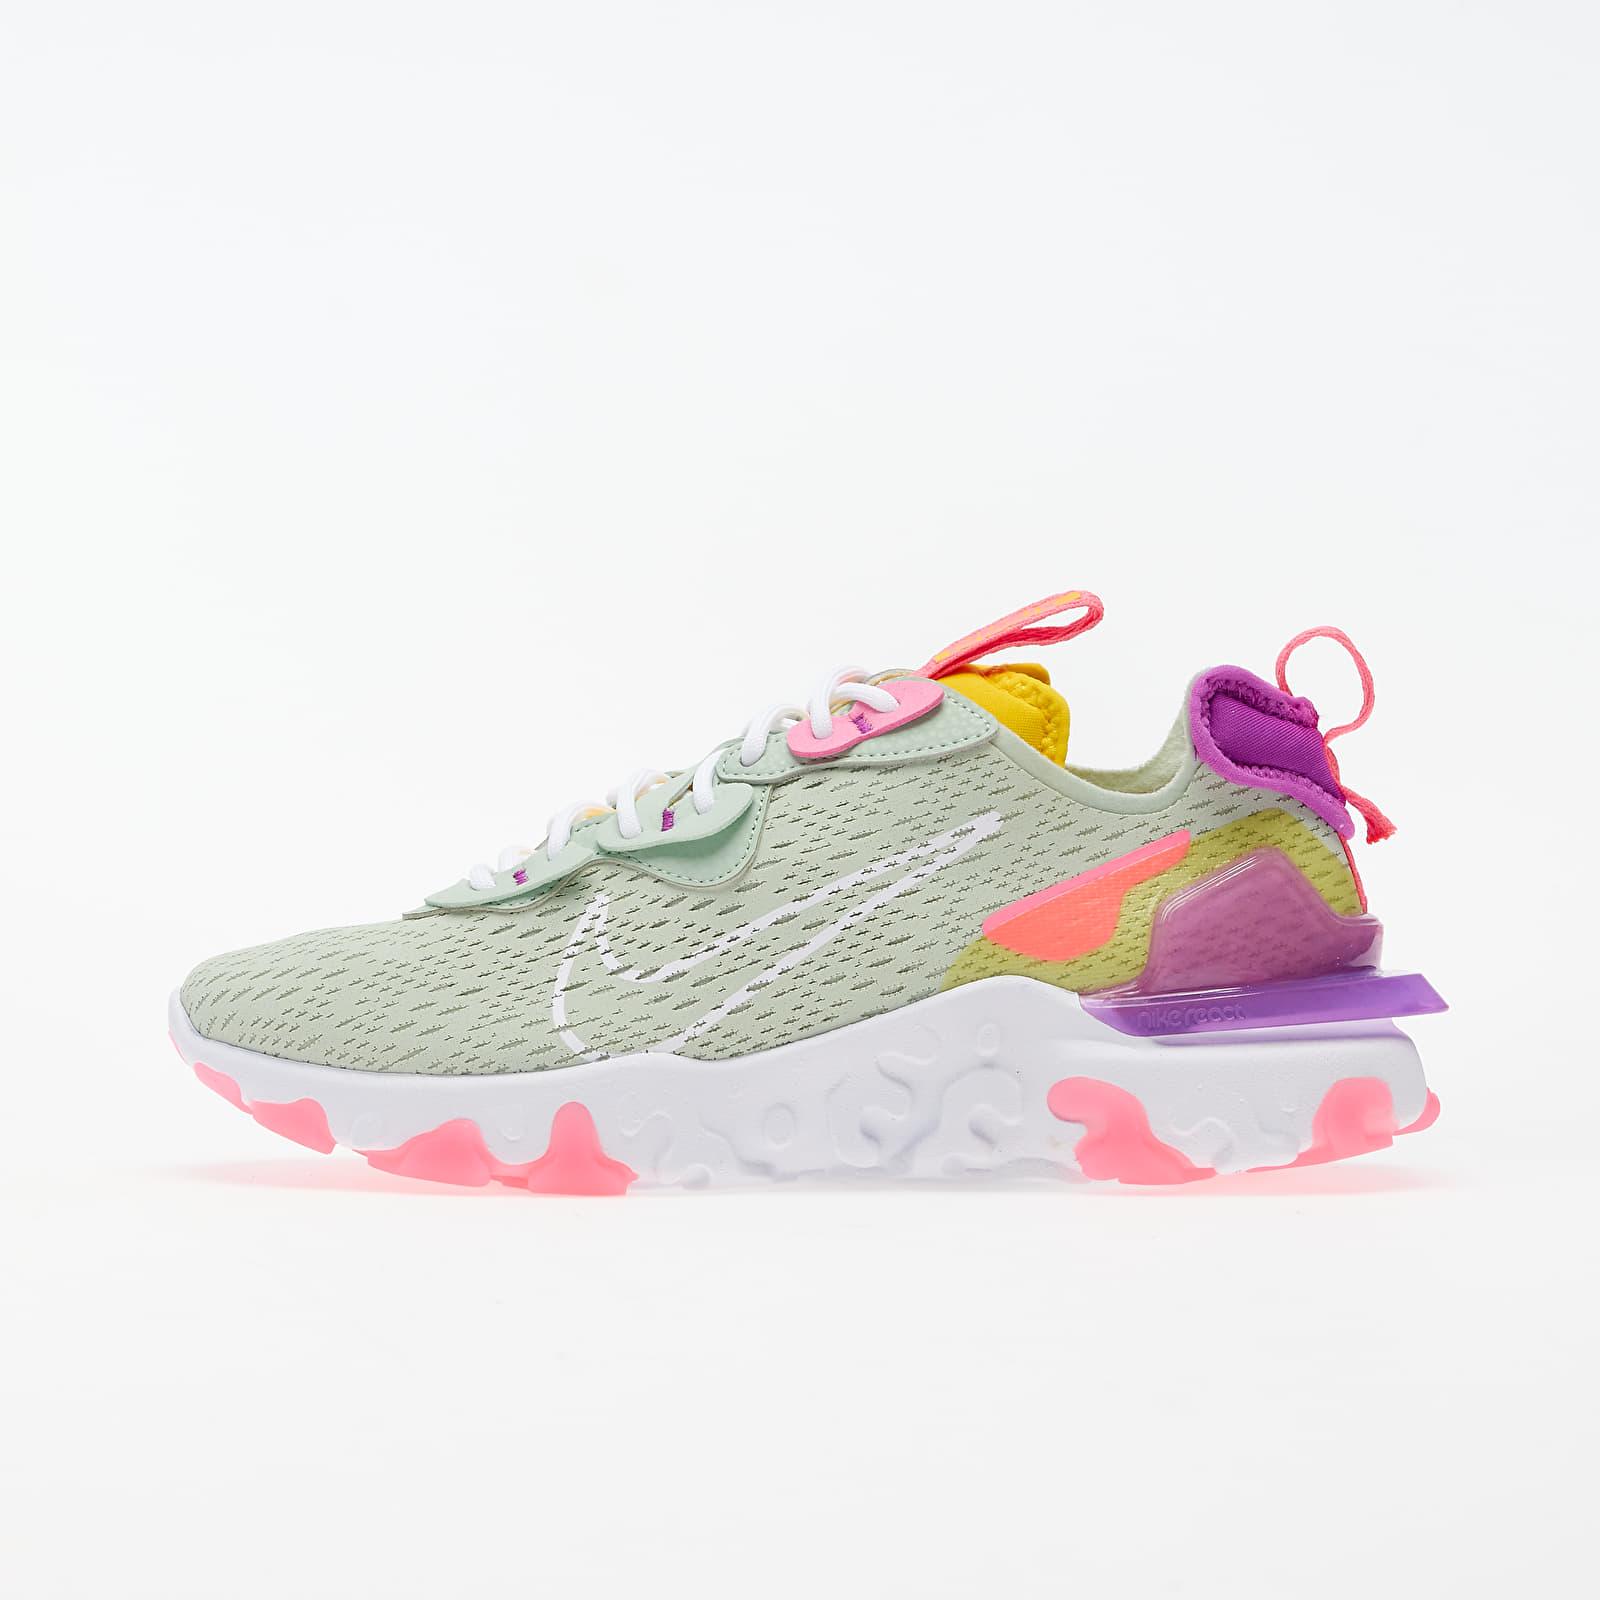 Încălțăminte pentru ea Nike W NSW React Vision Pistachio Frost/ White-Vivid Purple